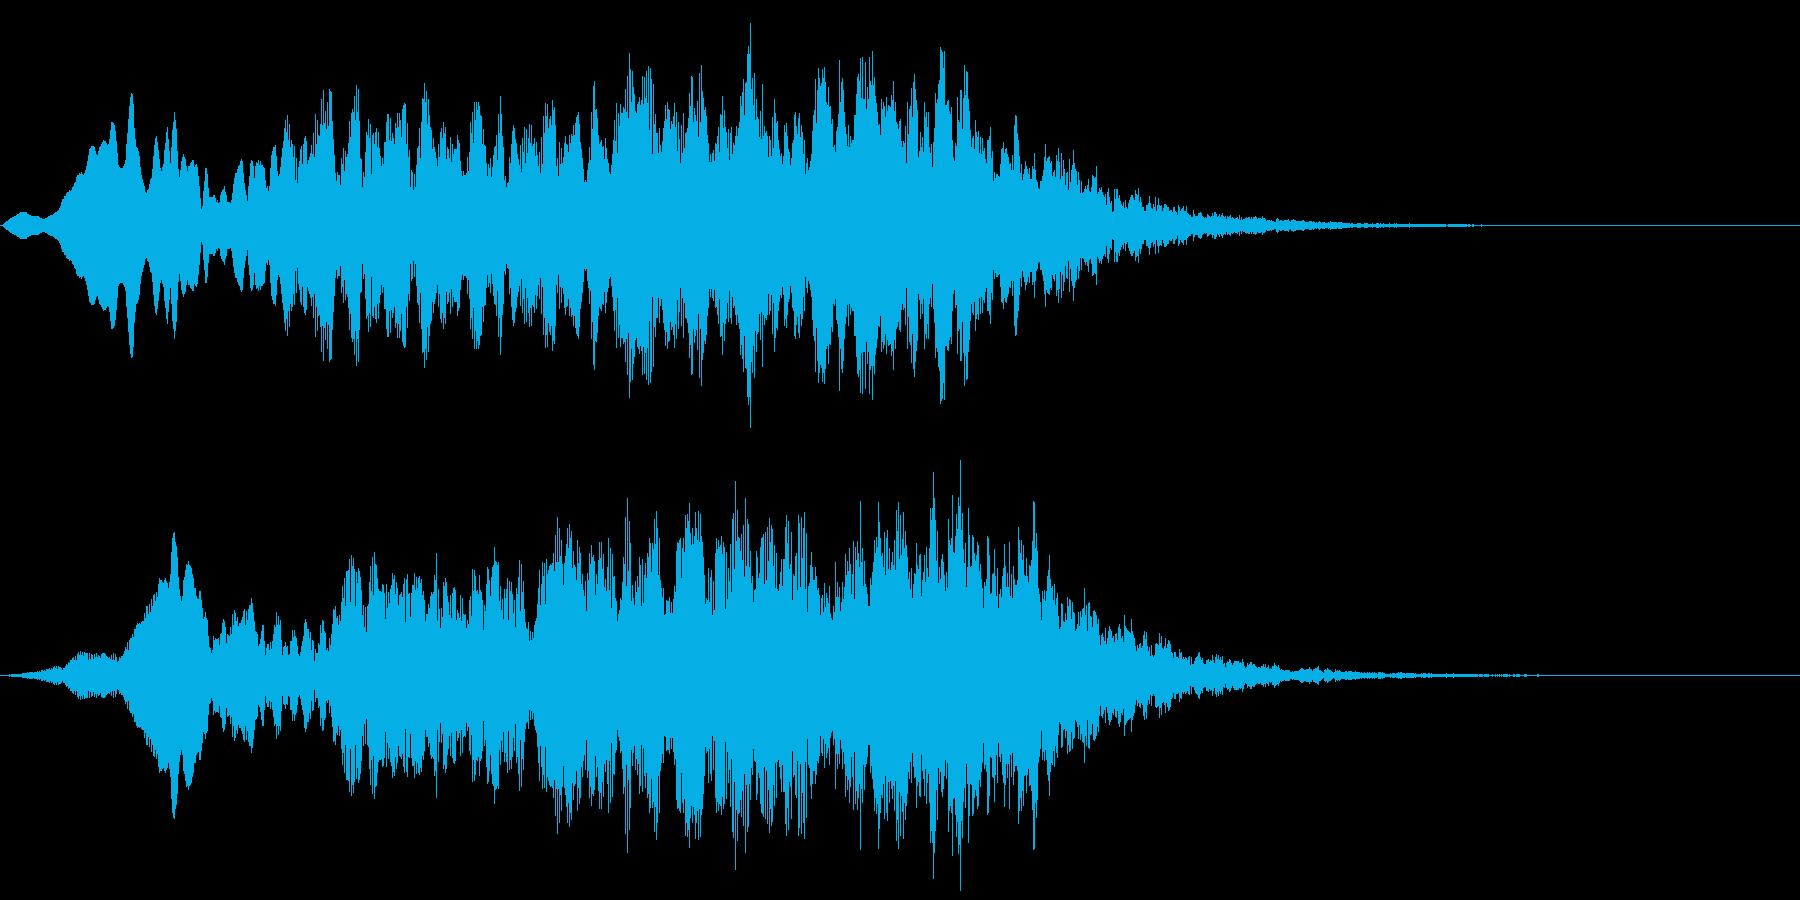 「シュワー キラキラ」ファンタジック効果の再生済みの波形